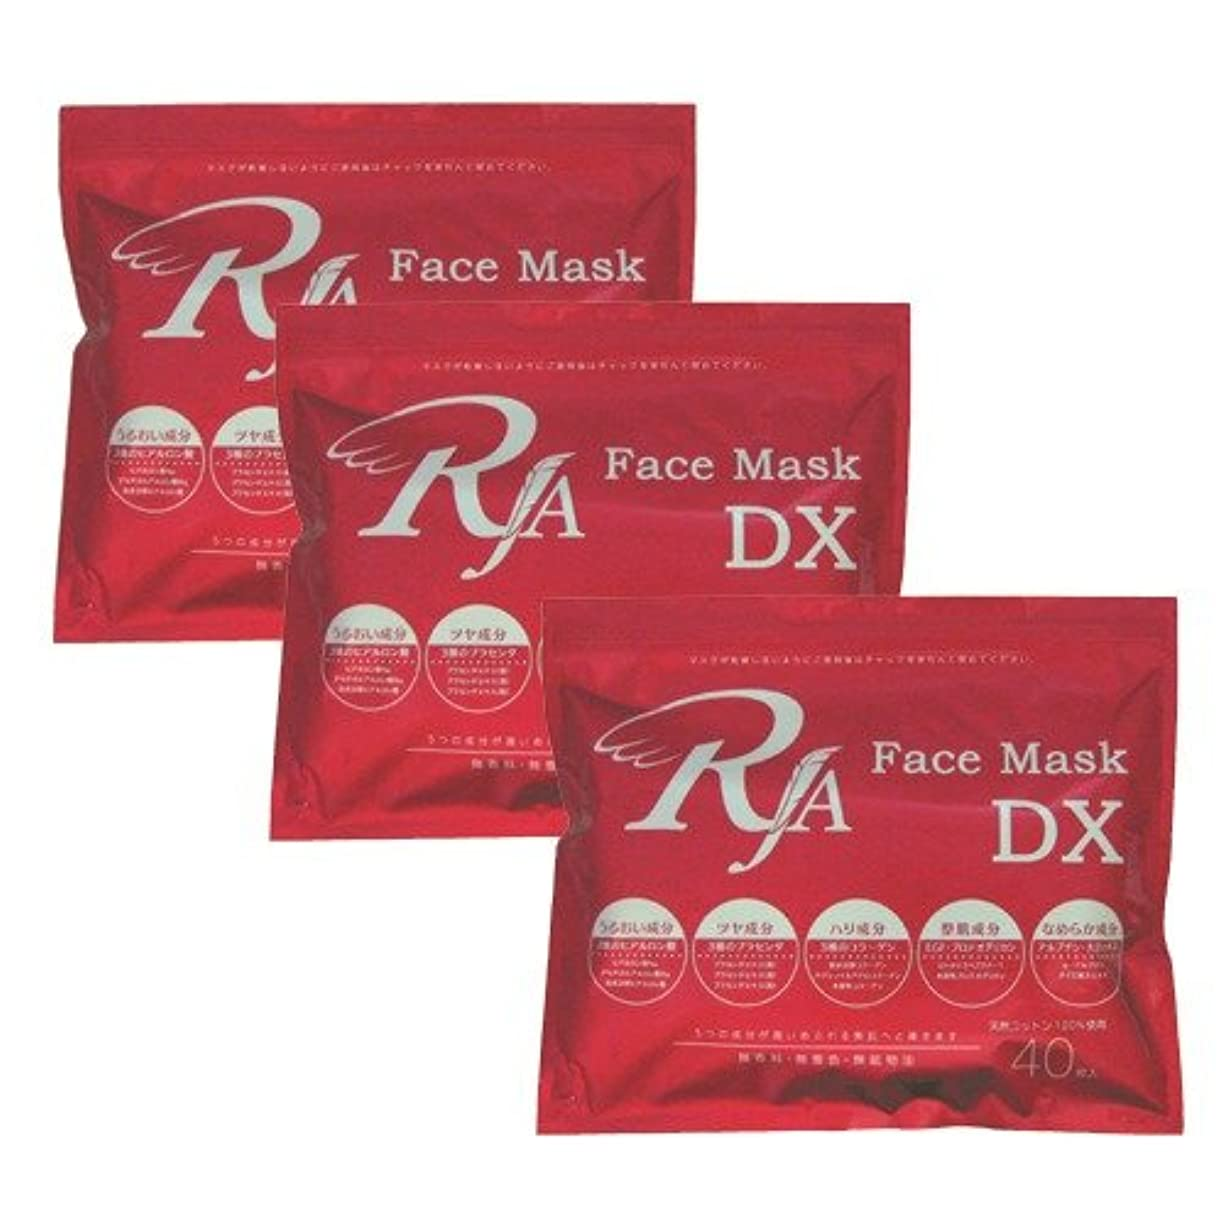 RJAフェイスマスクDX 120枚(40枚×3セット)